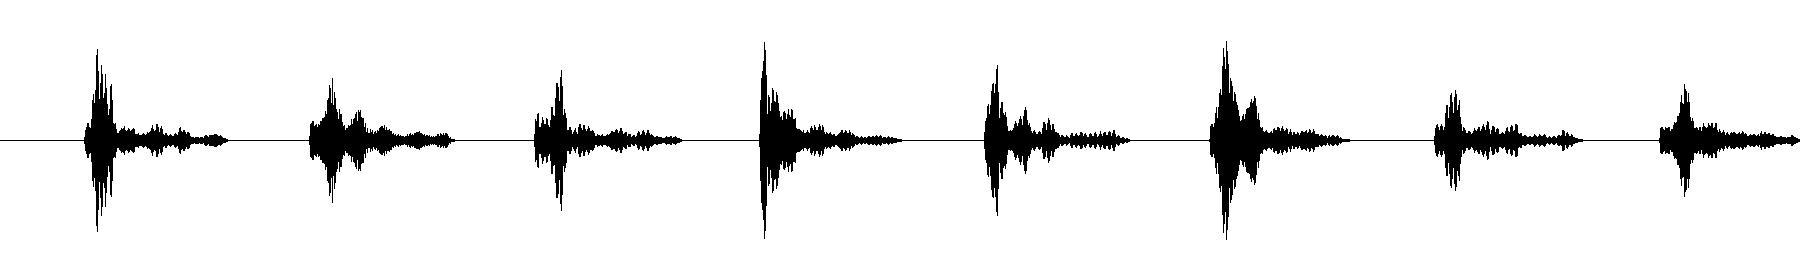 hm 120 gf epiano35